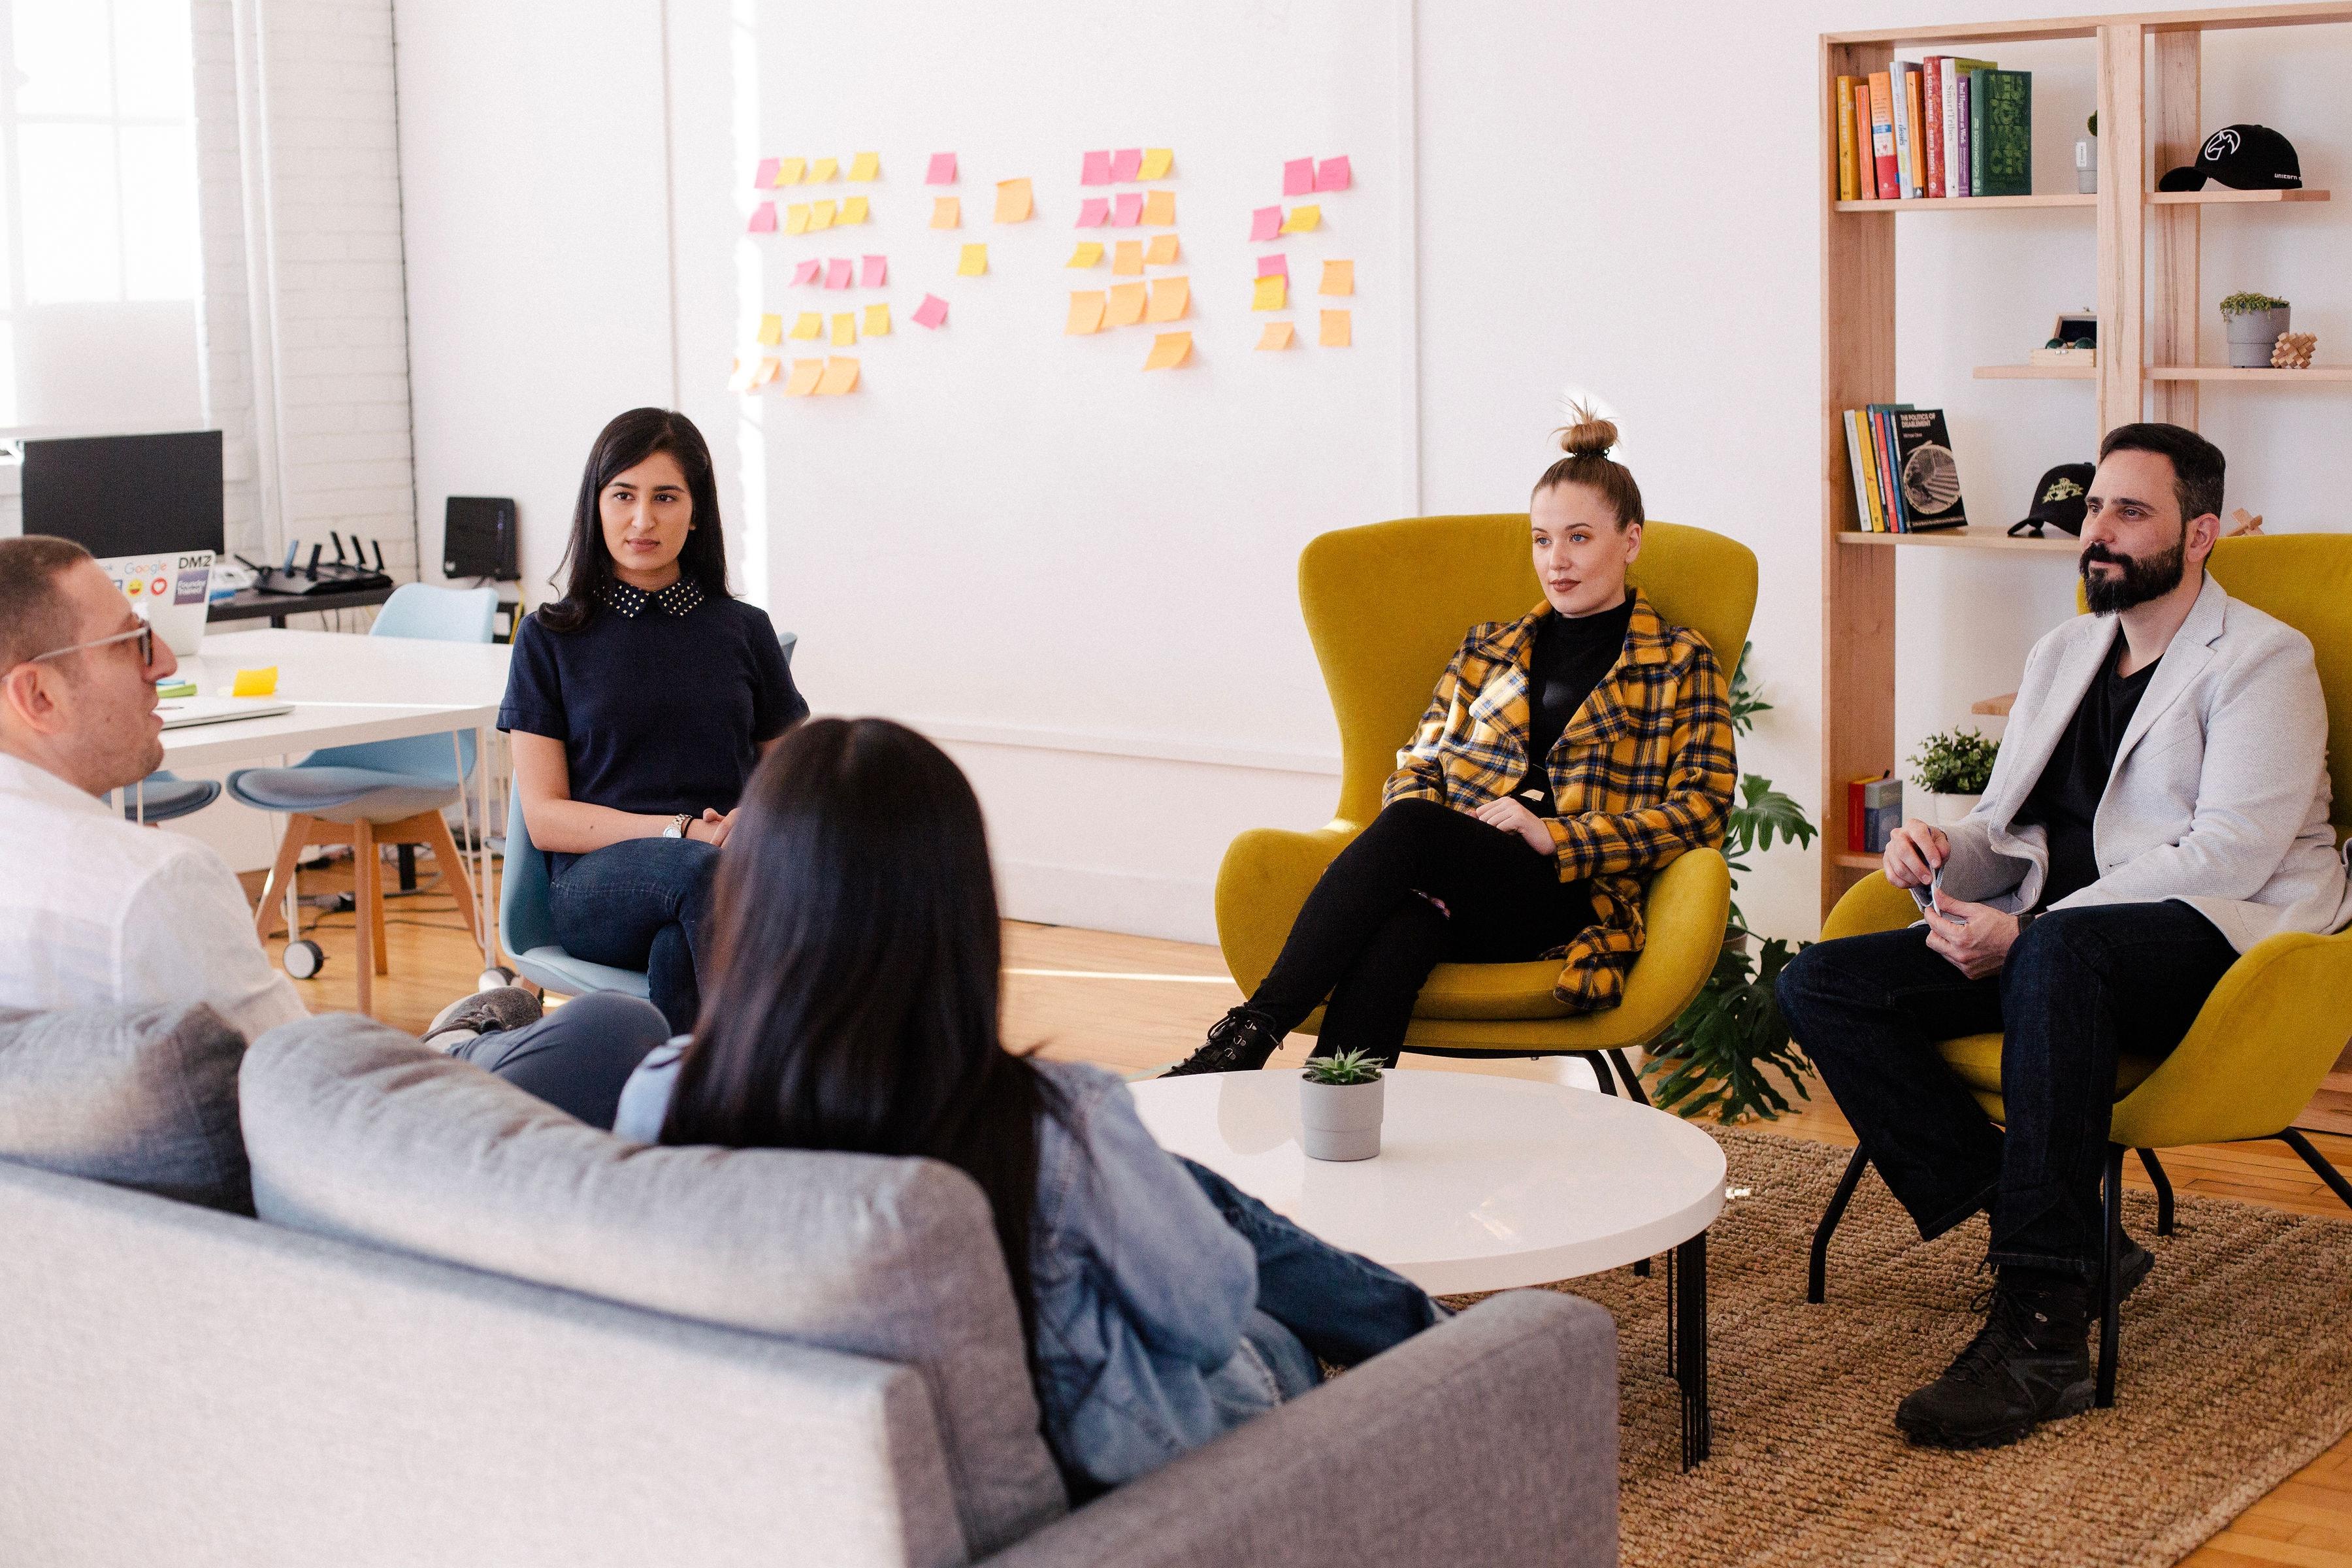 tips meeting - koffie meeting - koffie afspraak - tips koffie meeting - tips meetings